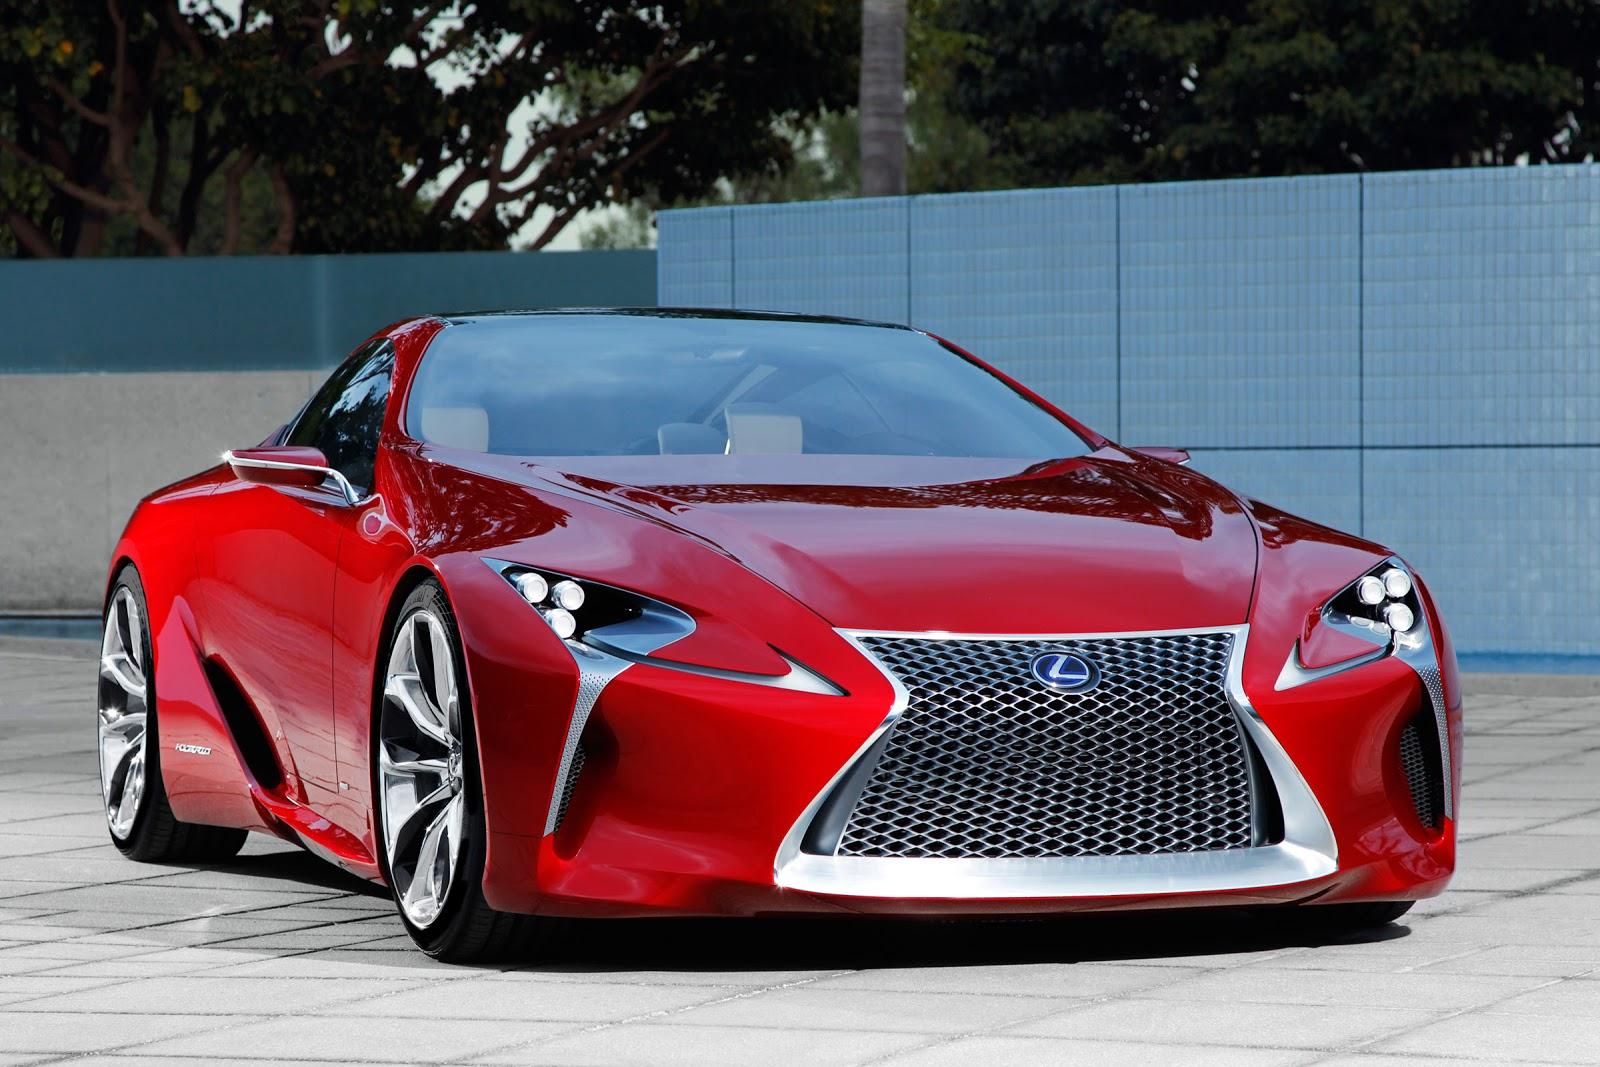 Lexus Cars: Cars GTO: 2012 Lexus LF-LC Sport Coupe Concept